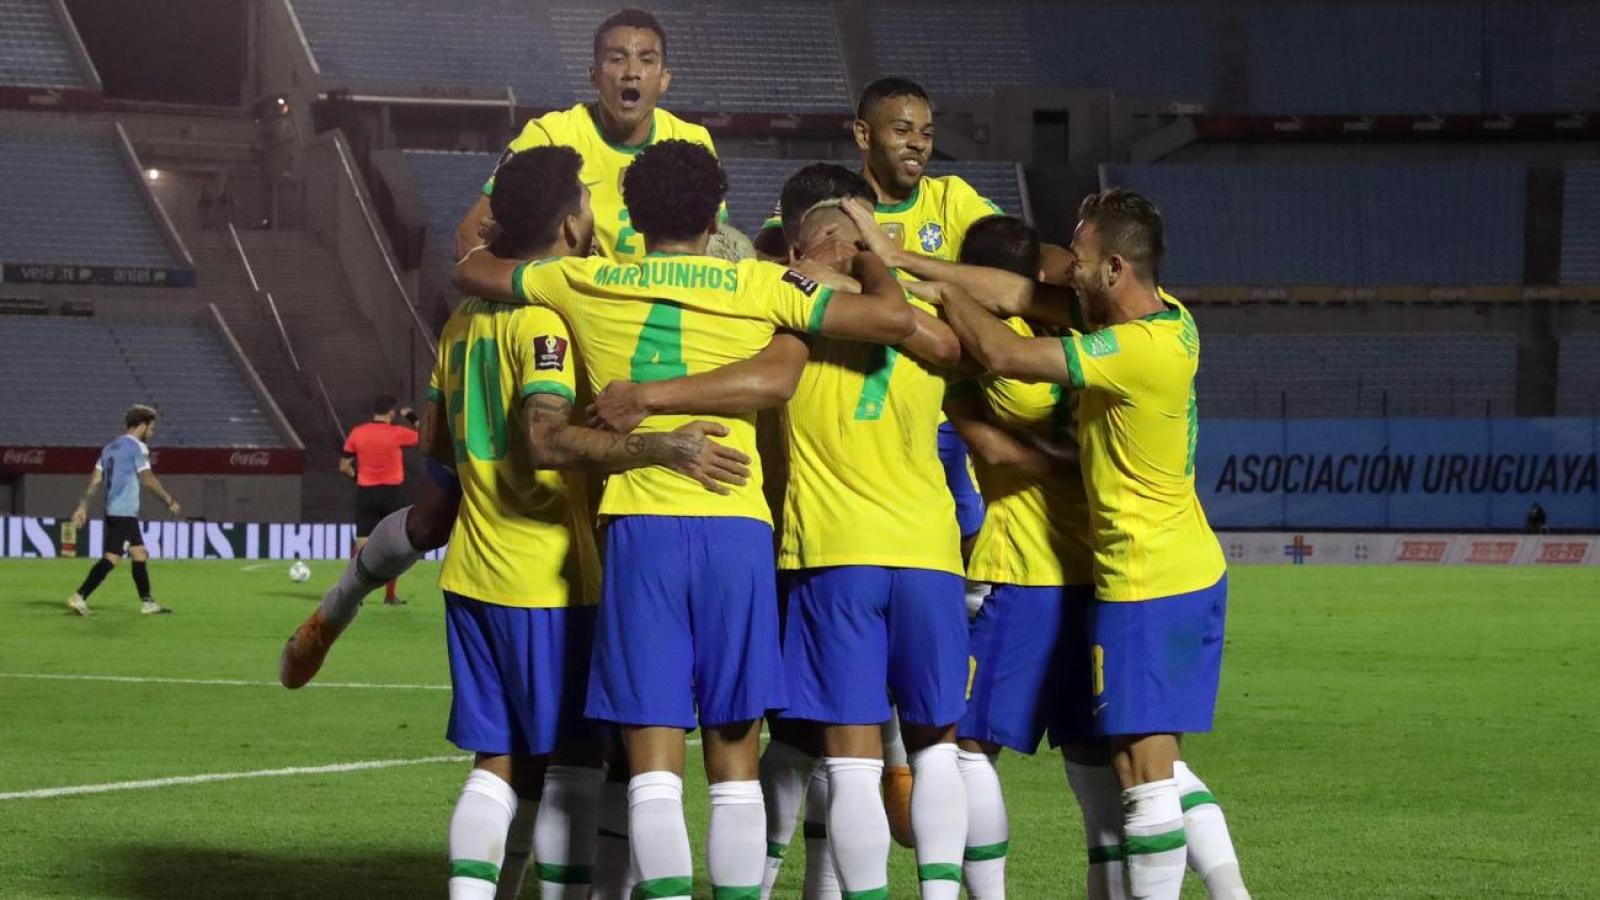 ĐT Brazil tiếp tục duy trì mạch toàn thắng ở vòng loại World Cup 2022